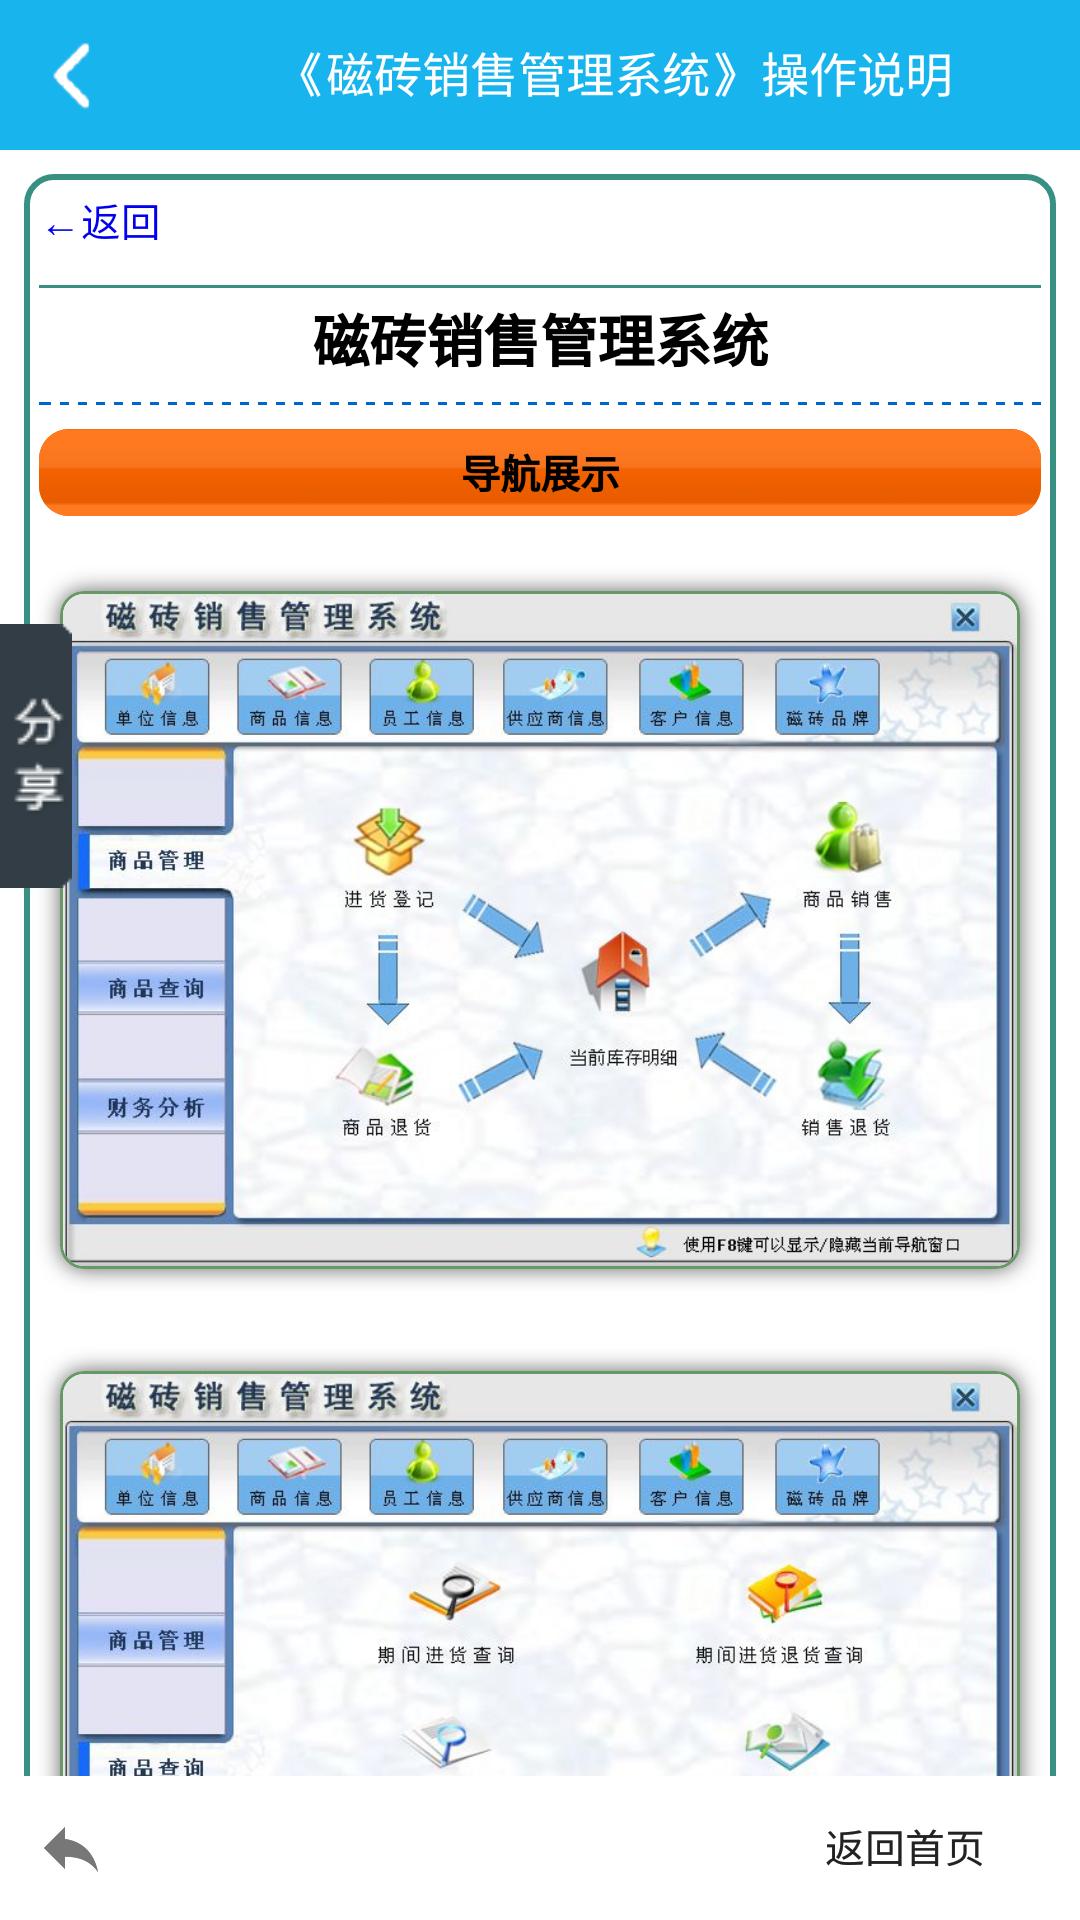 磁砖销售管理系统